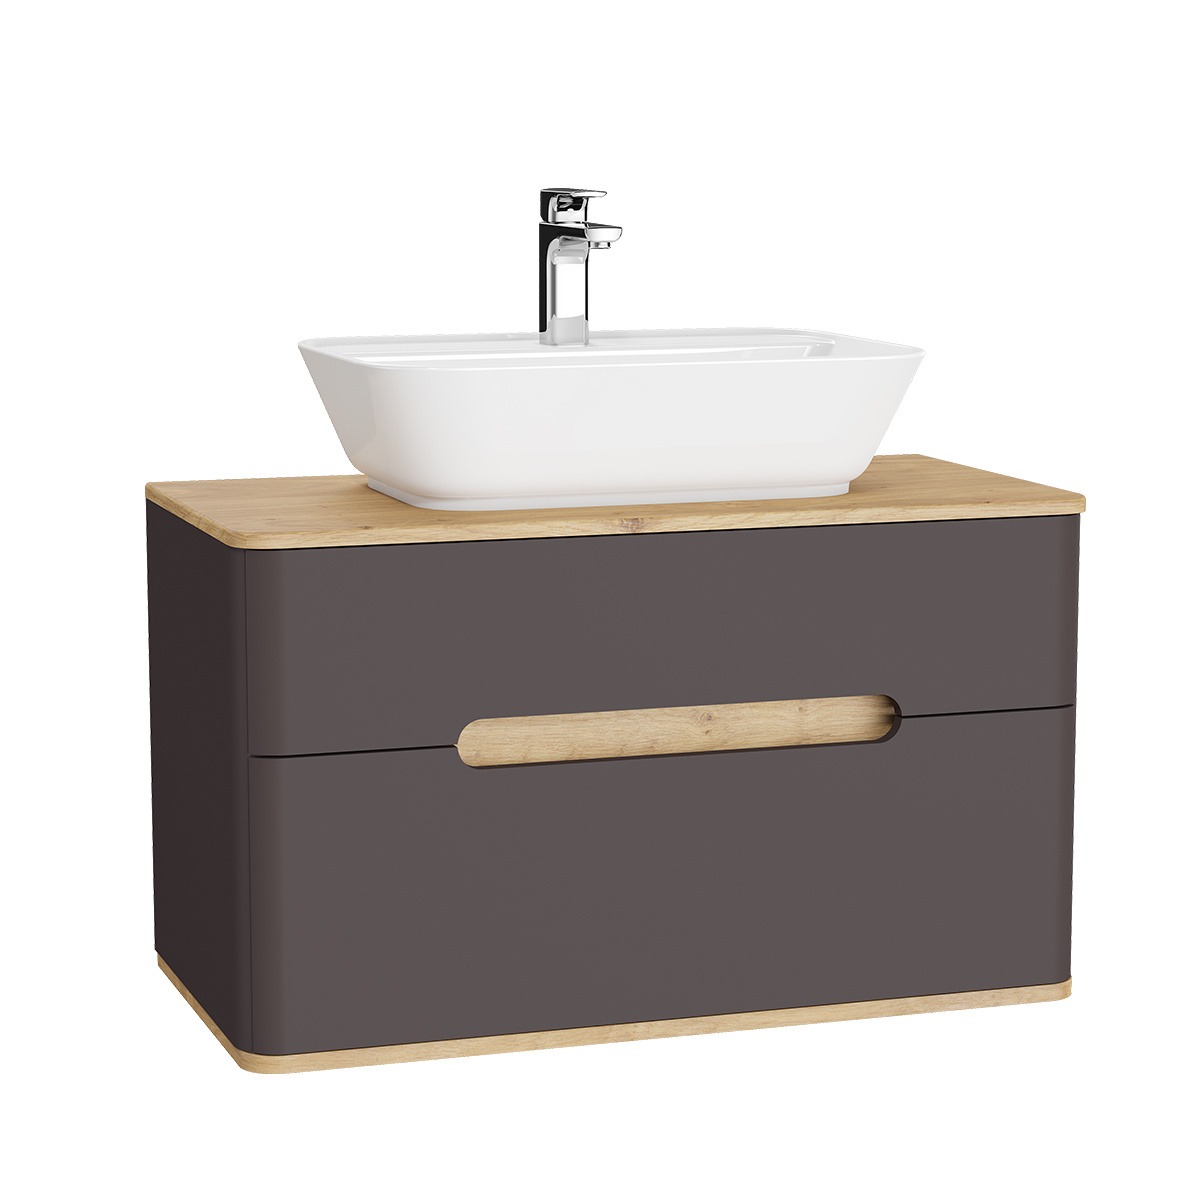 Sento Waschtischunterschrank, 90 cm, für Aufsatzwaschtische, mit 2 Vollauszügen, Anthrazit Matt